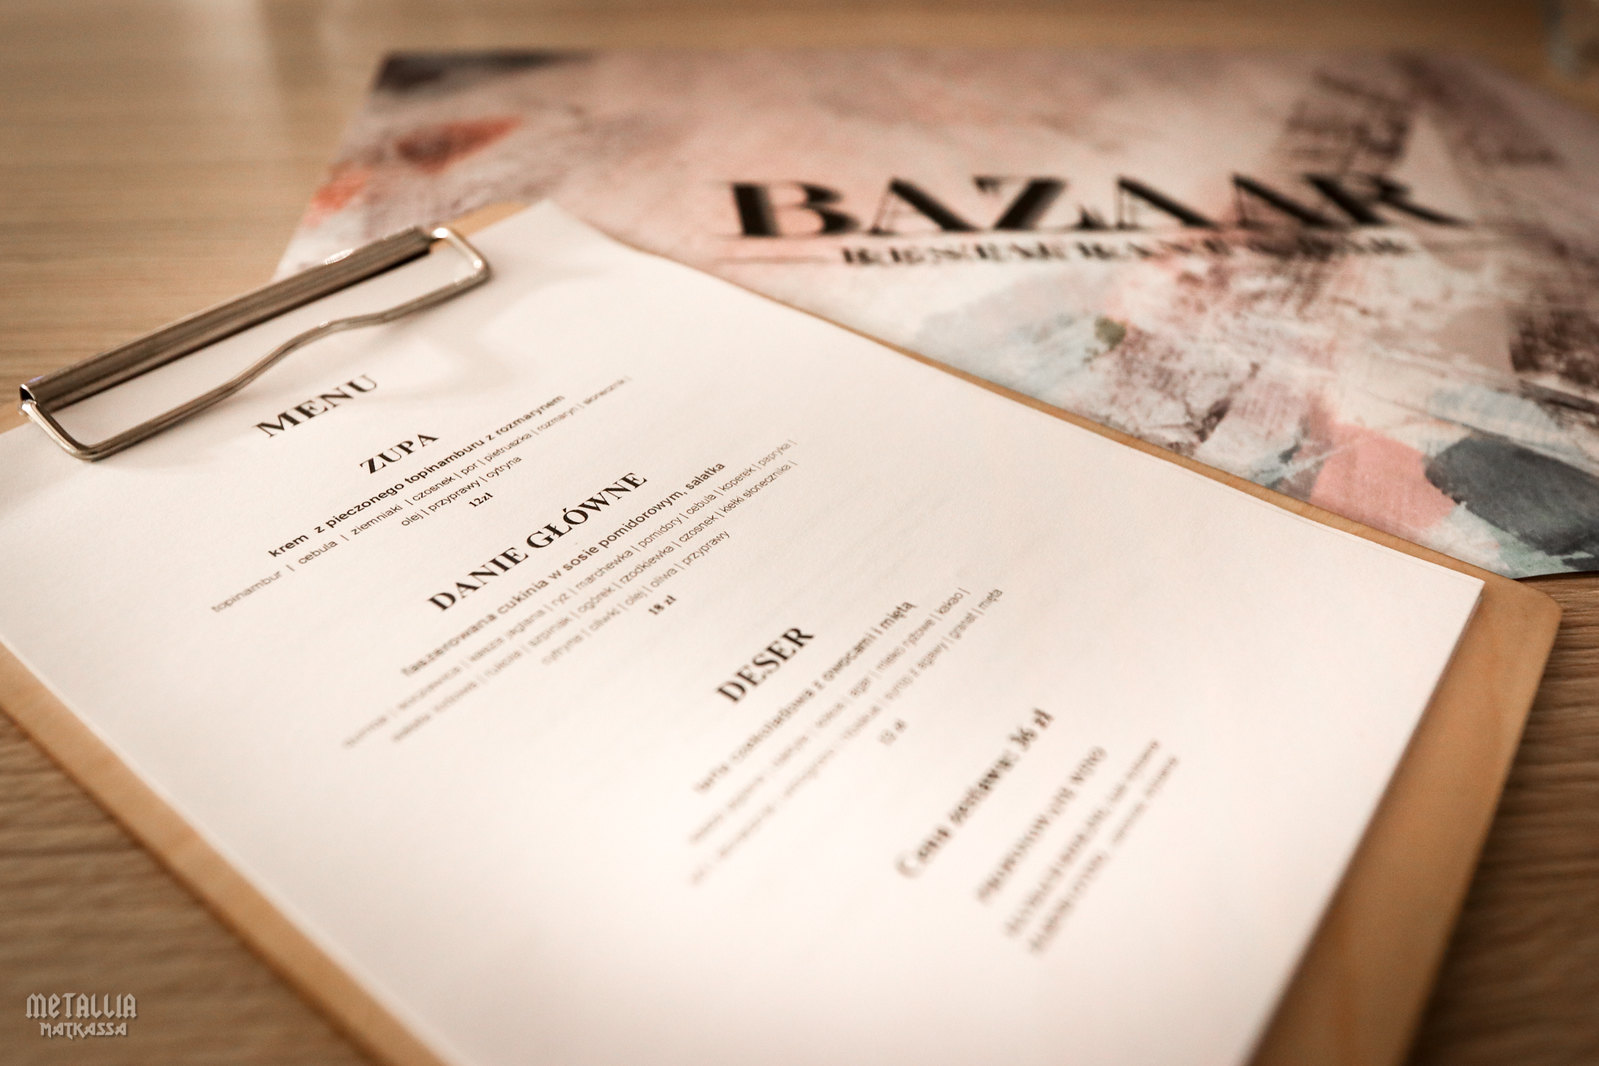 vegaaninen ravintola gdansk, gdanskin ravintolat, ravintolasuosituksia gdanskiin, kasvissyöjänä puolassa, bazaar gdynia, soul fresh gdynia, vegan restaurants gdansk